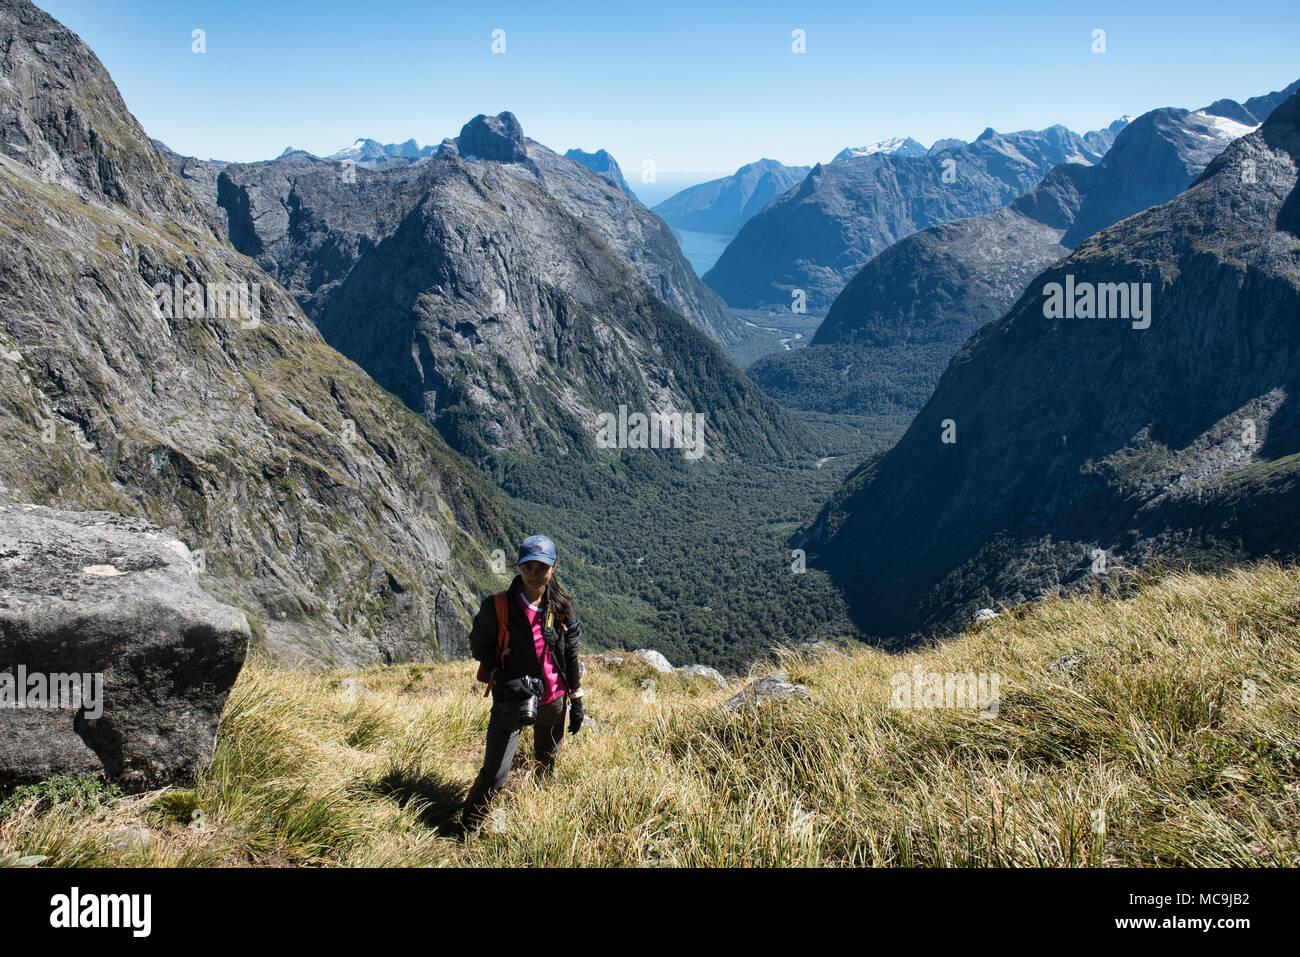 Increíbles vistas desde el sillín, Gertrudis Fjordland, Nueva Zelanda Imagen De Stock